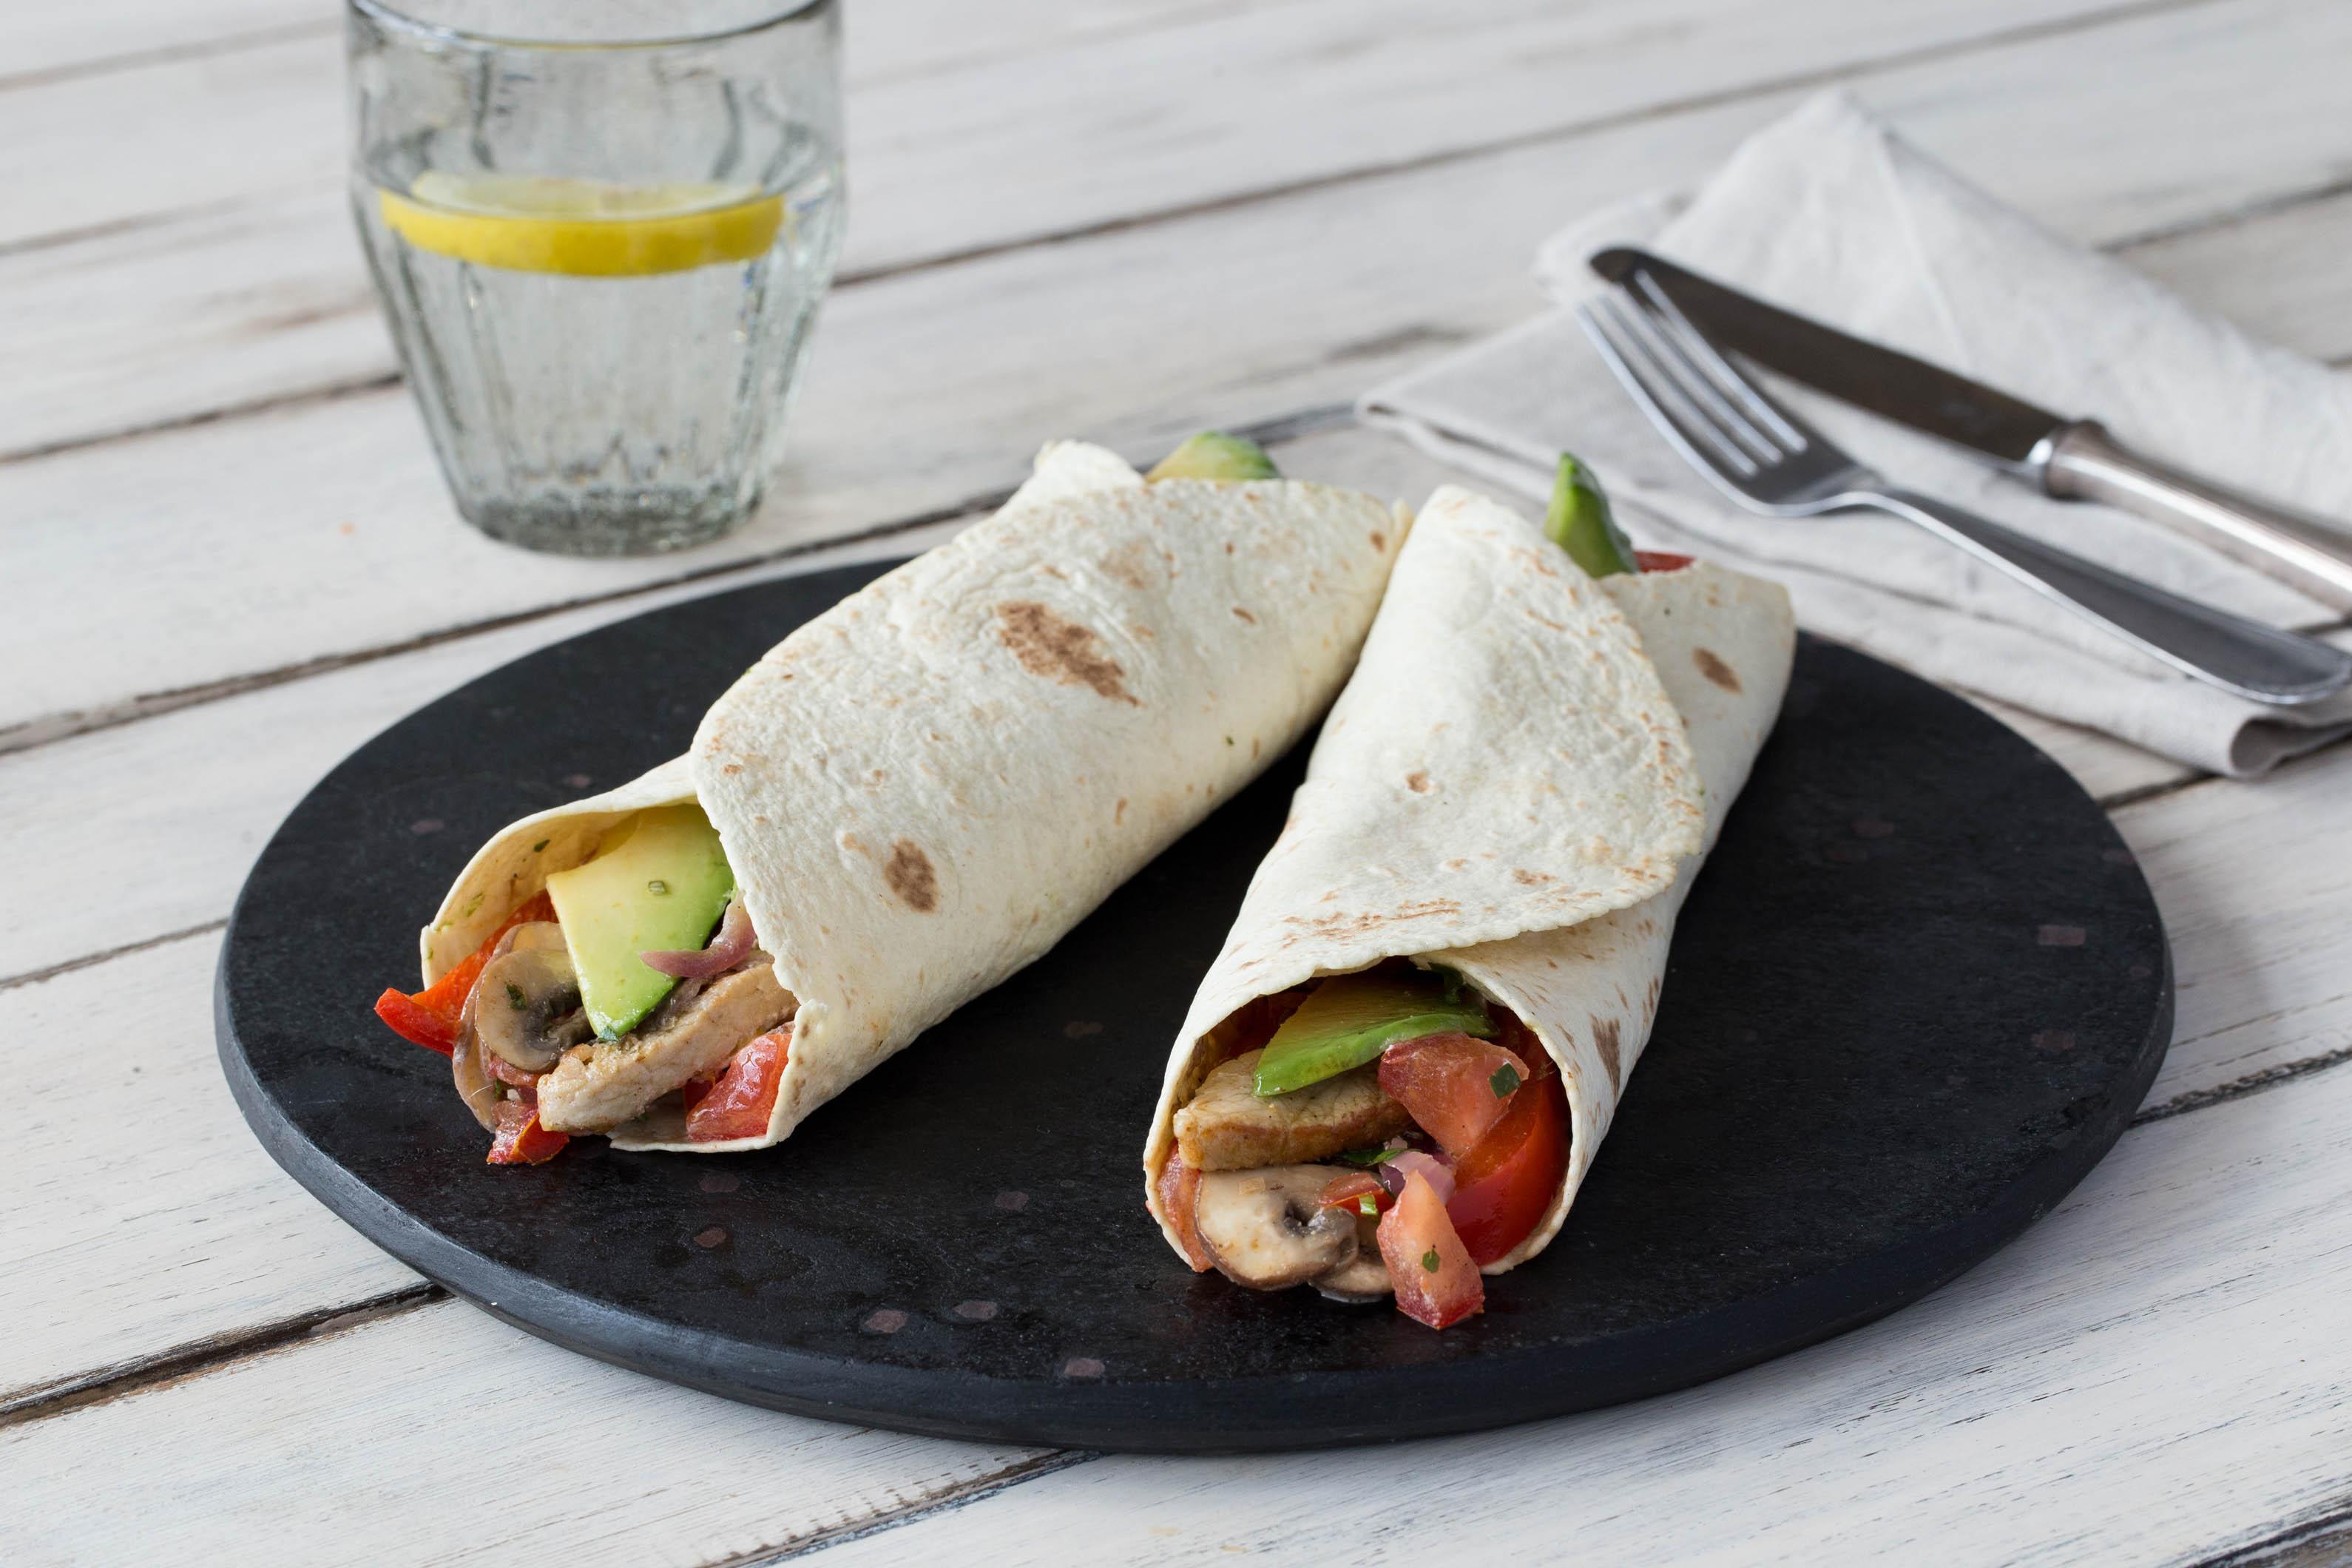 Pikant gefüllte Schweinefleisch-Wraps mit Avocado und Tomaten-Koriander-Chutney